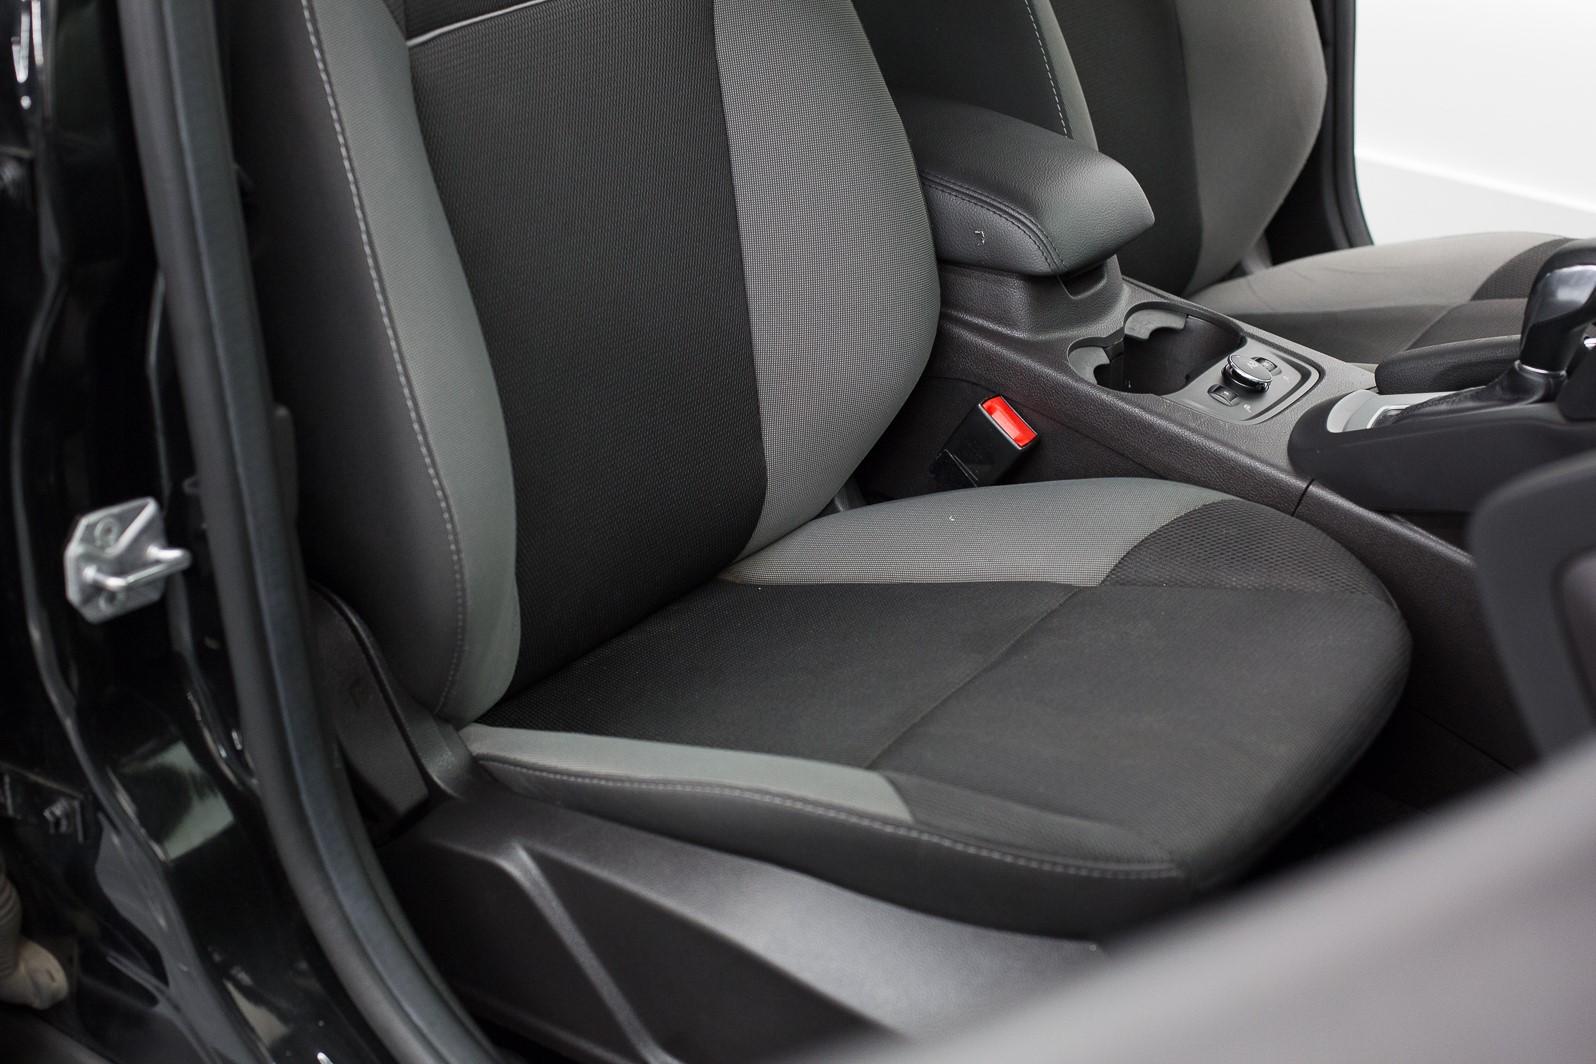 2014 Ford Focus Hatchback SE full